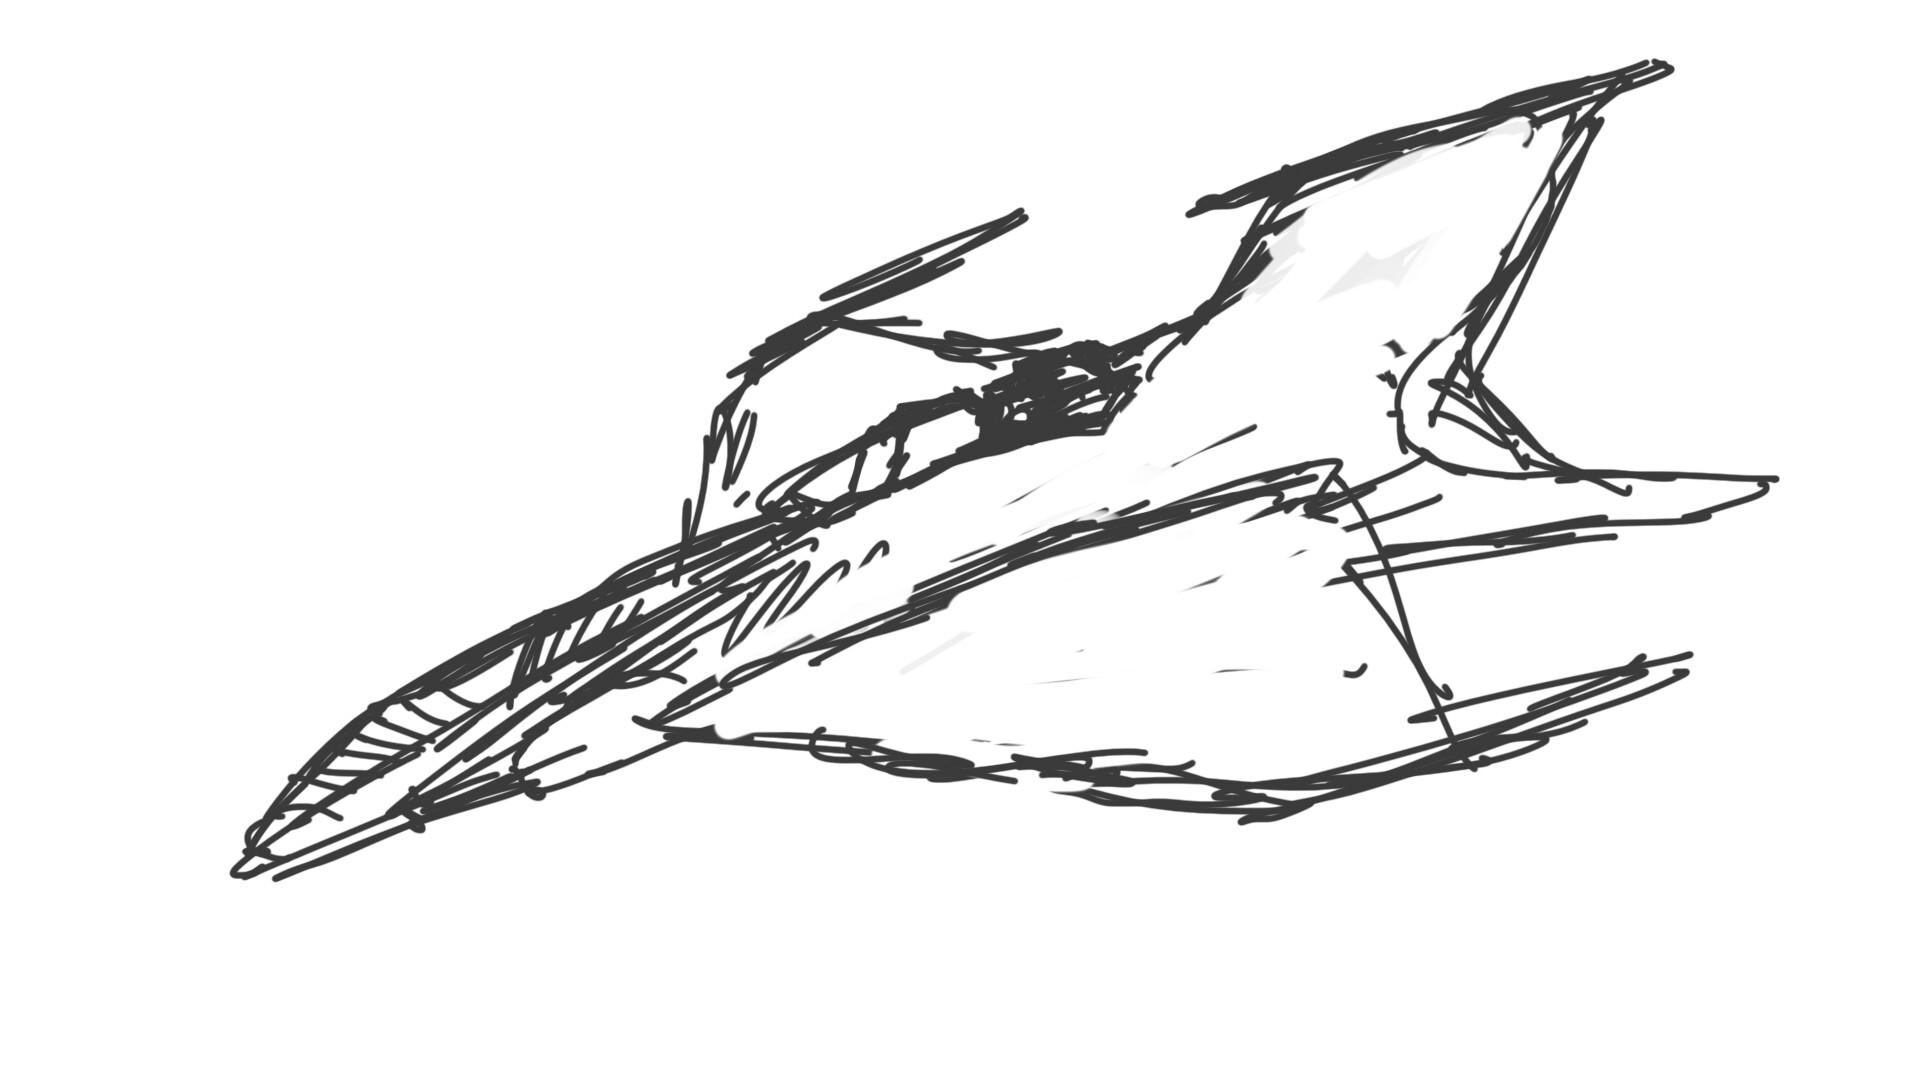 Alexander laheij drawing10 78